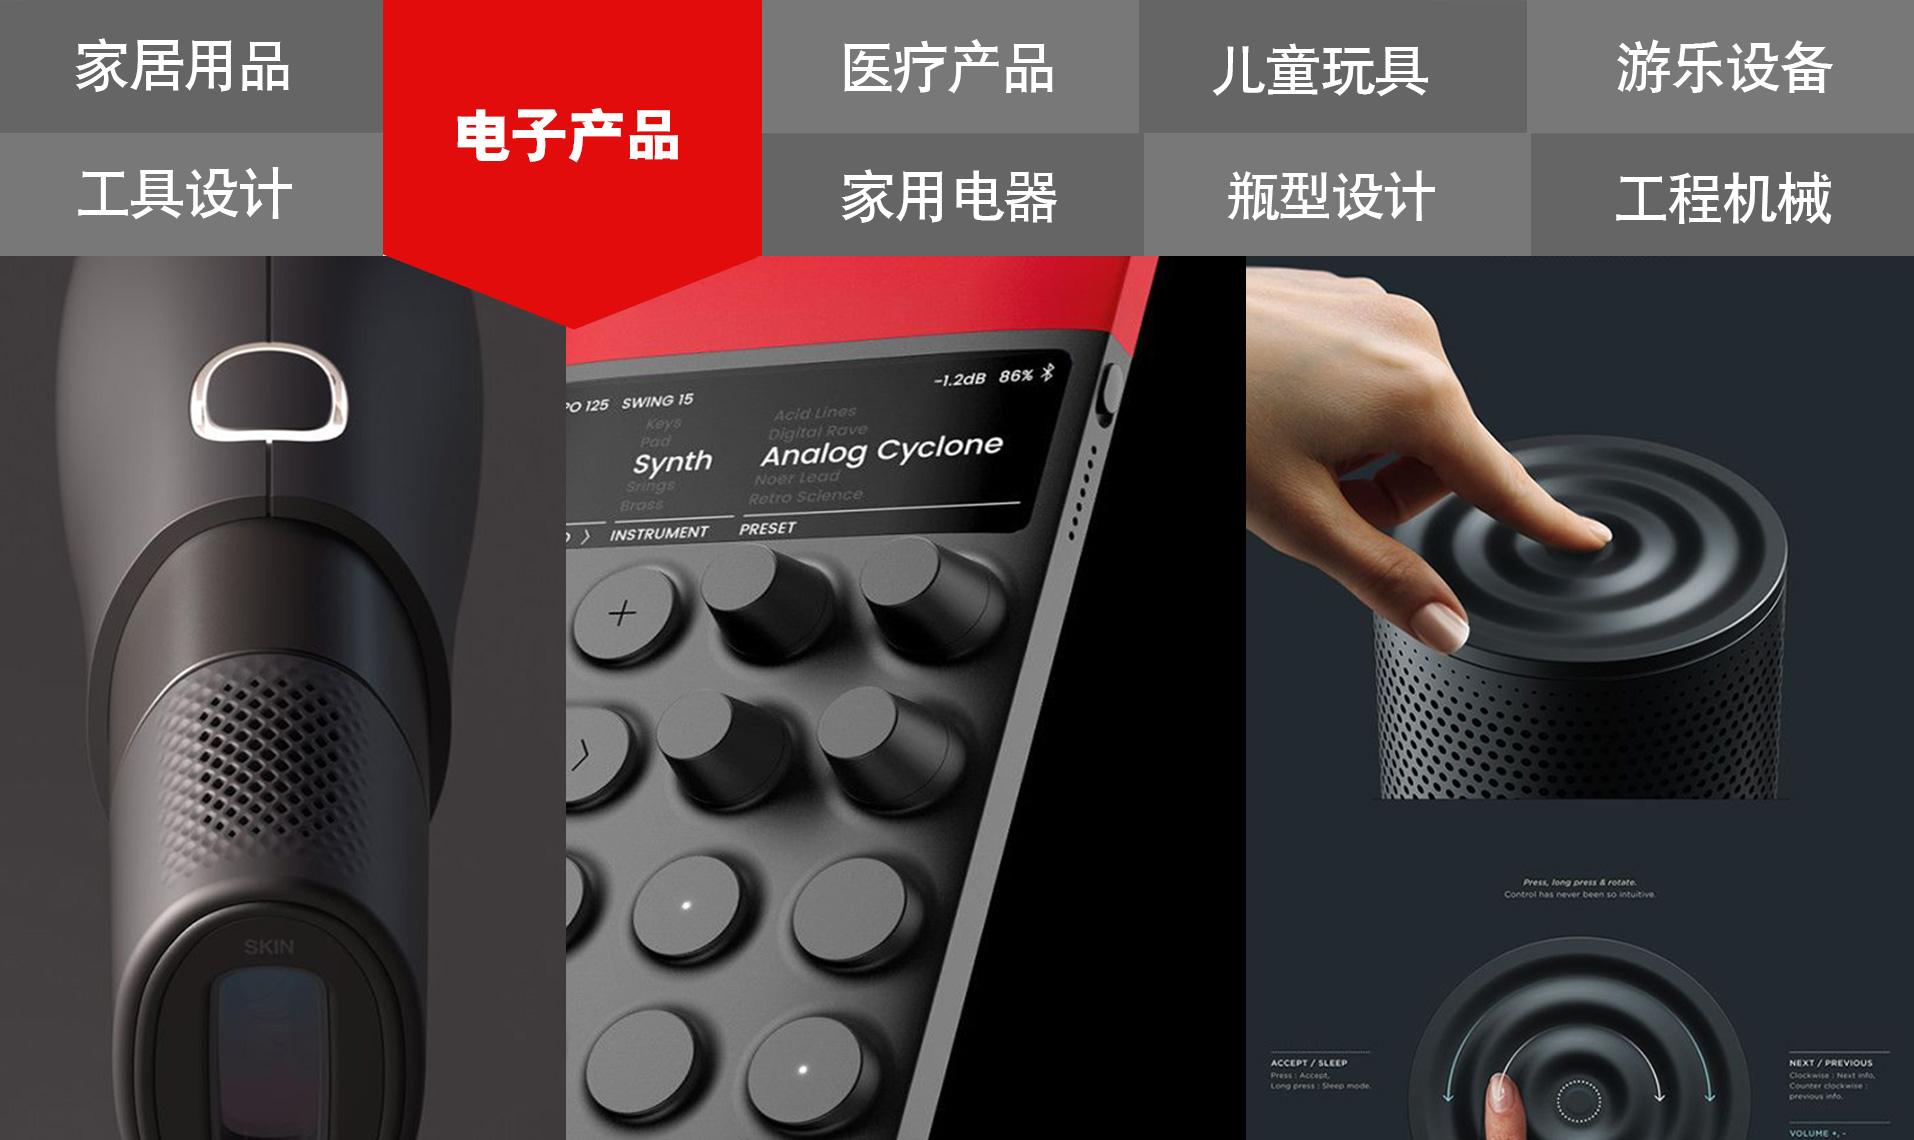 产品外观设计_【智能家电】笔间产品设计/外观设计/工业设计/智能家电器设备11